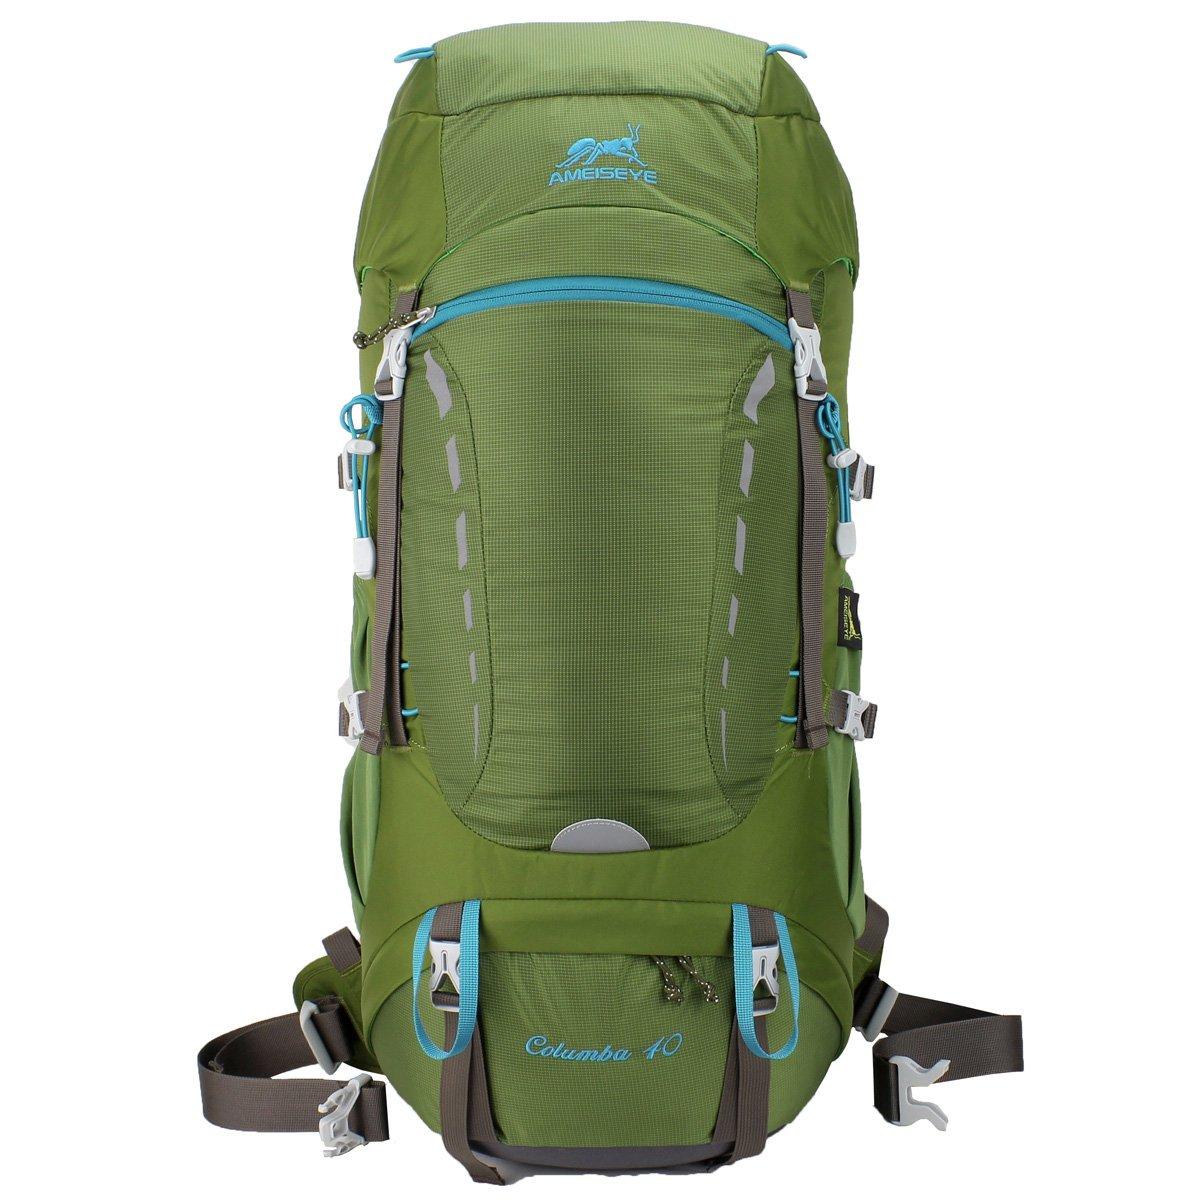 Eshow 40l Sac à Dos Randonnée Étanche avec Housse de Pluie Sac d'Alpinisme Imperméable Ultraléger pour Escalade Trekking Camping Eshow-MY4001-2